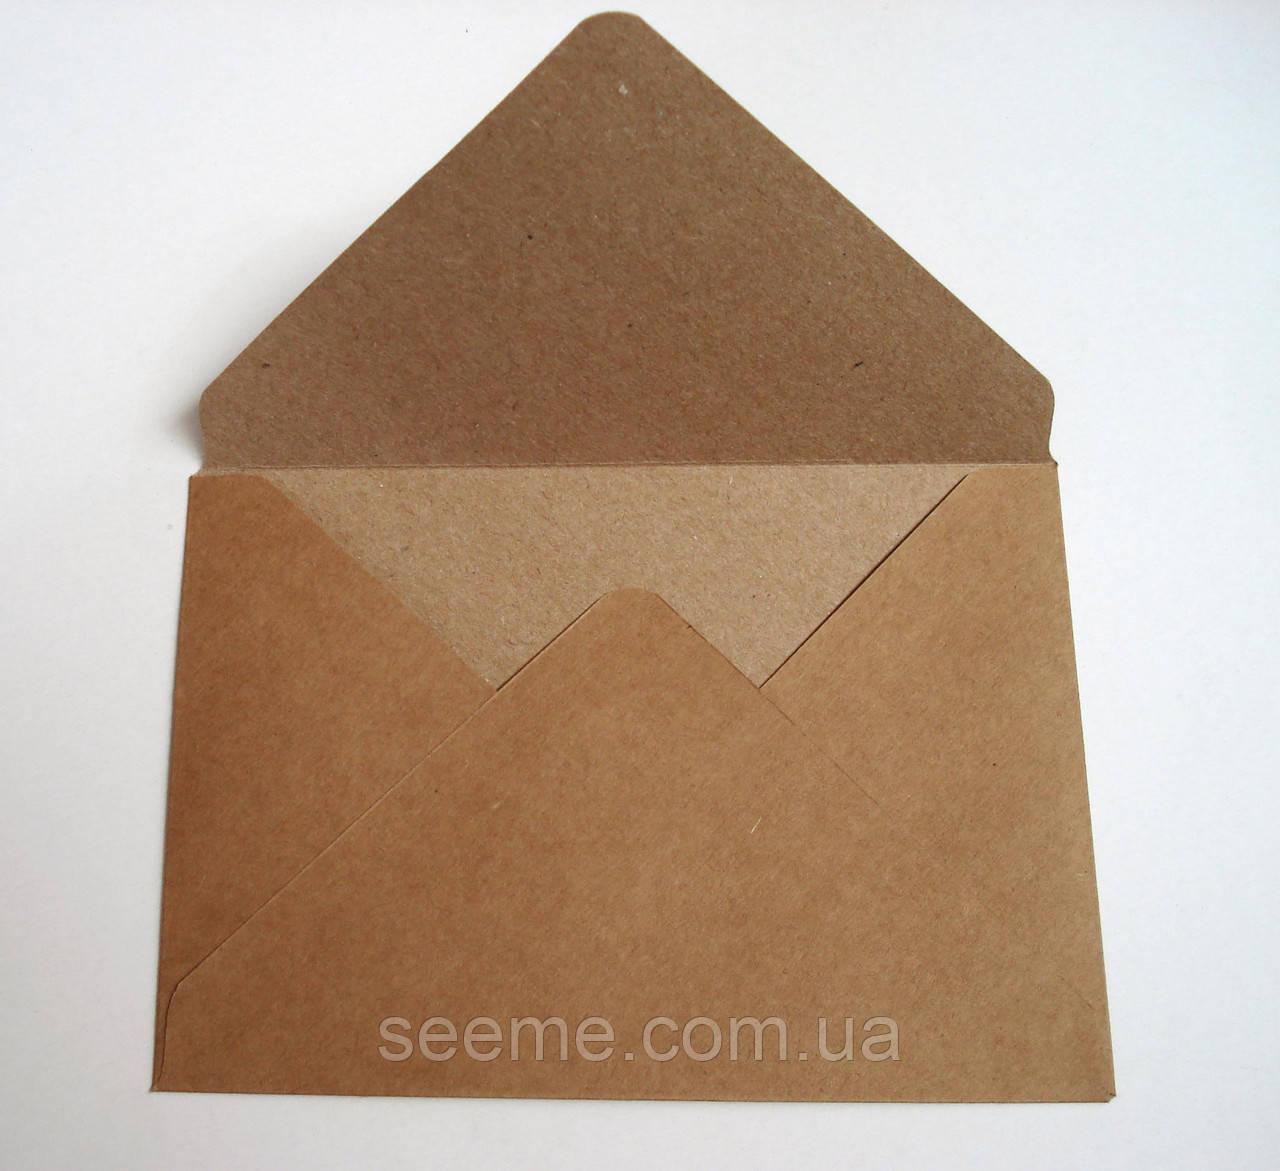 Крафтовые конверты своими руками фото 782